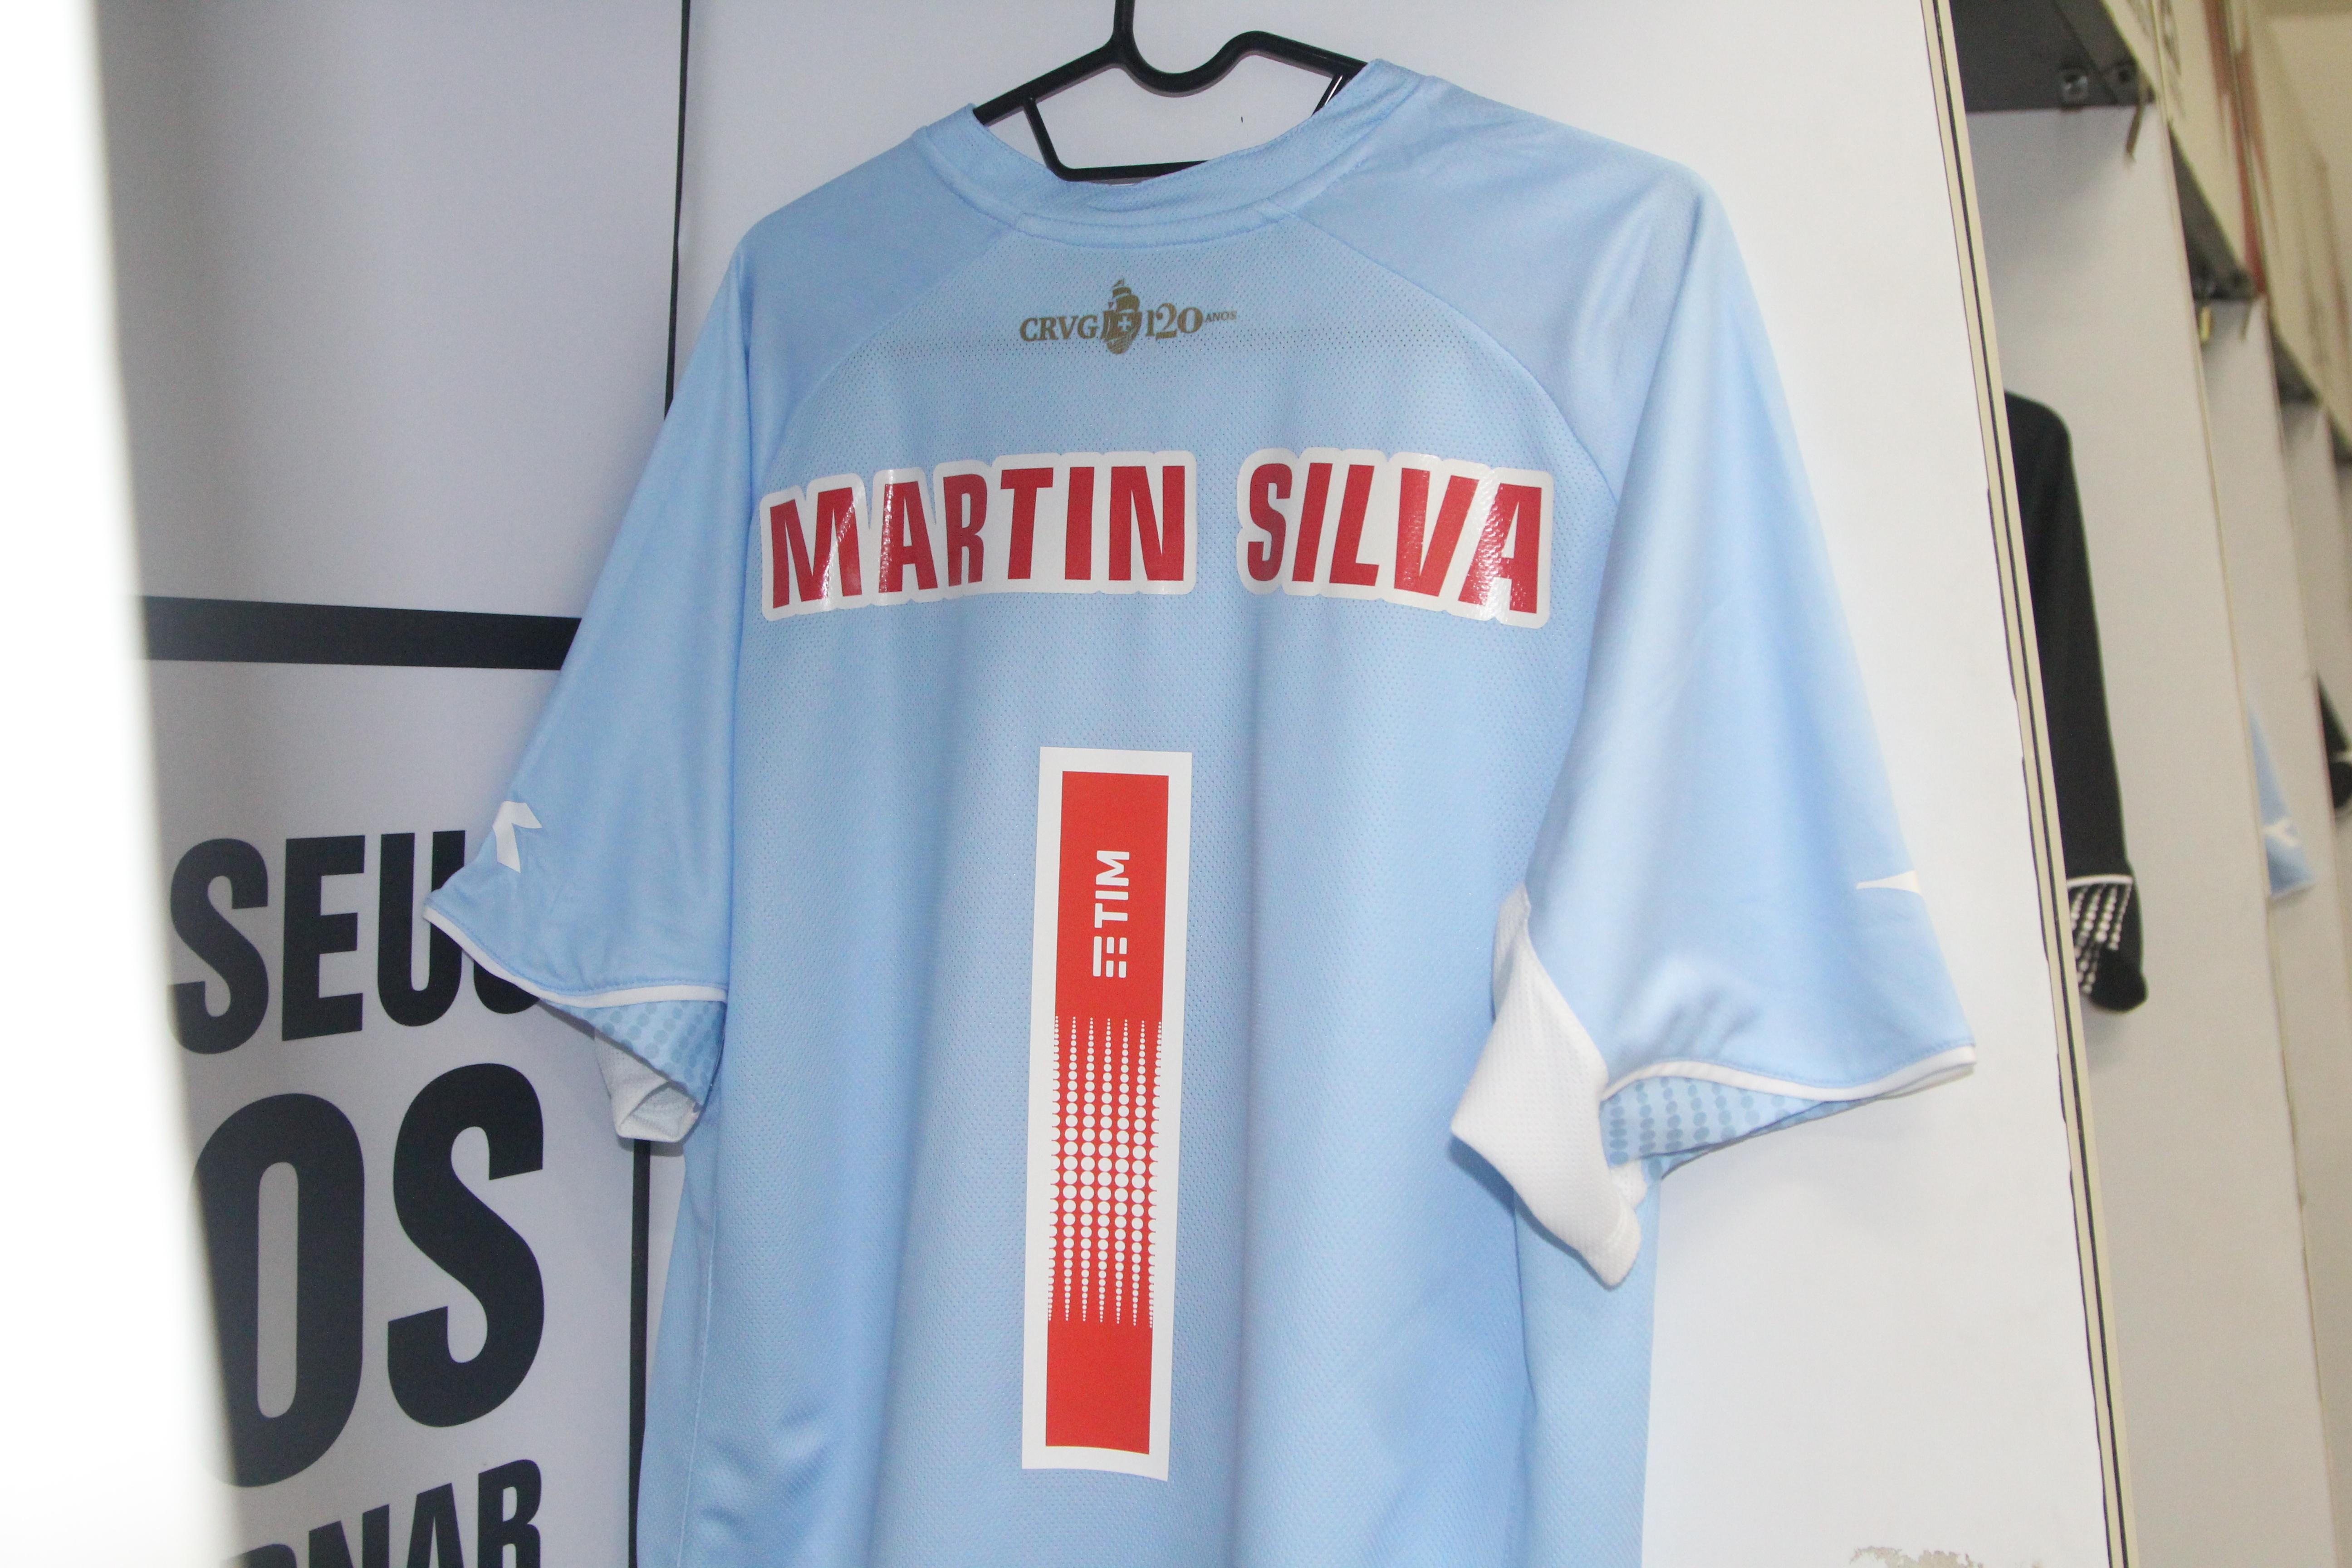 76cac91f1f4f0 Vasco estreia neste sábado a camisa preta  Martín Silva vai jogar de ...